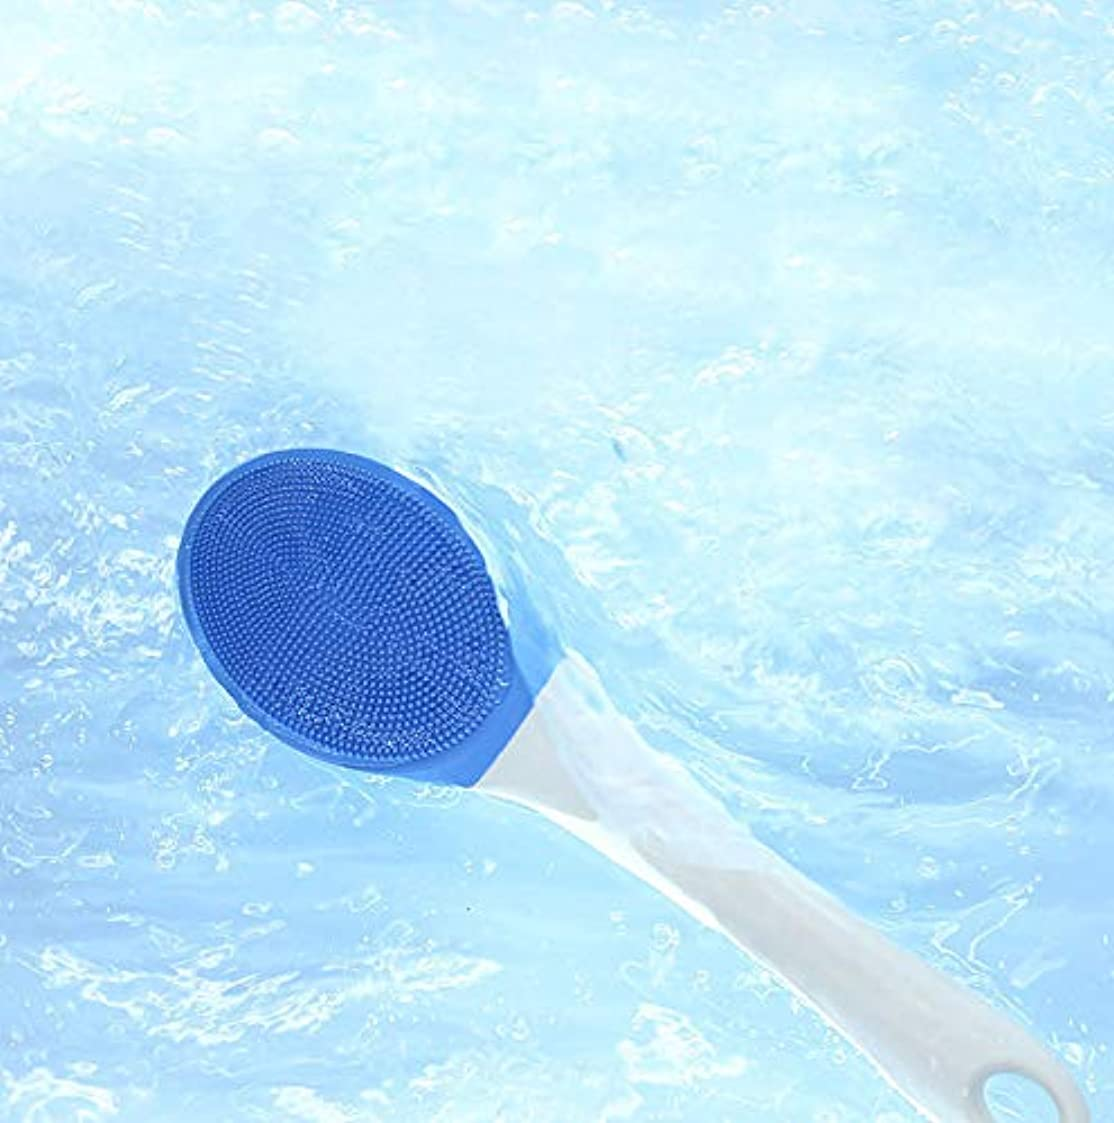 虹メトリック自分の電気バスブラシ、防水ボディ、洗顔ブラシロングハンドルソニック電動スクラバーディープクリーニング用3スピード調整可能なパルス振動,Blue